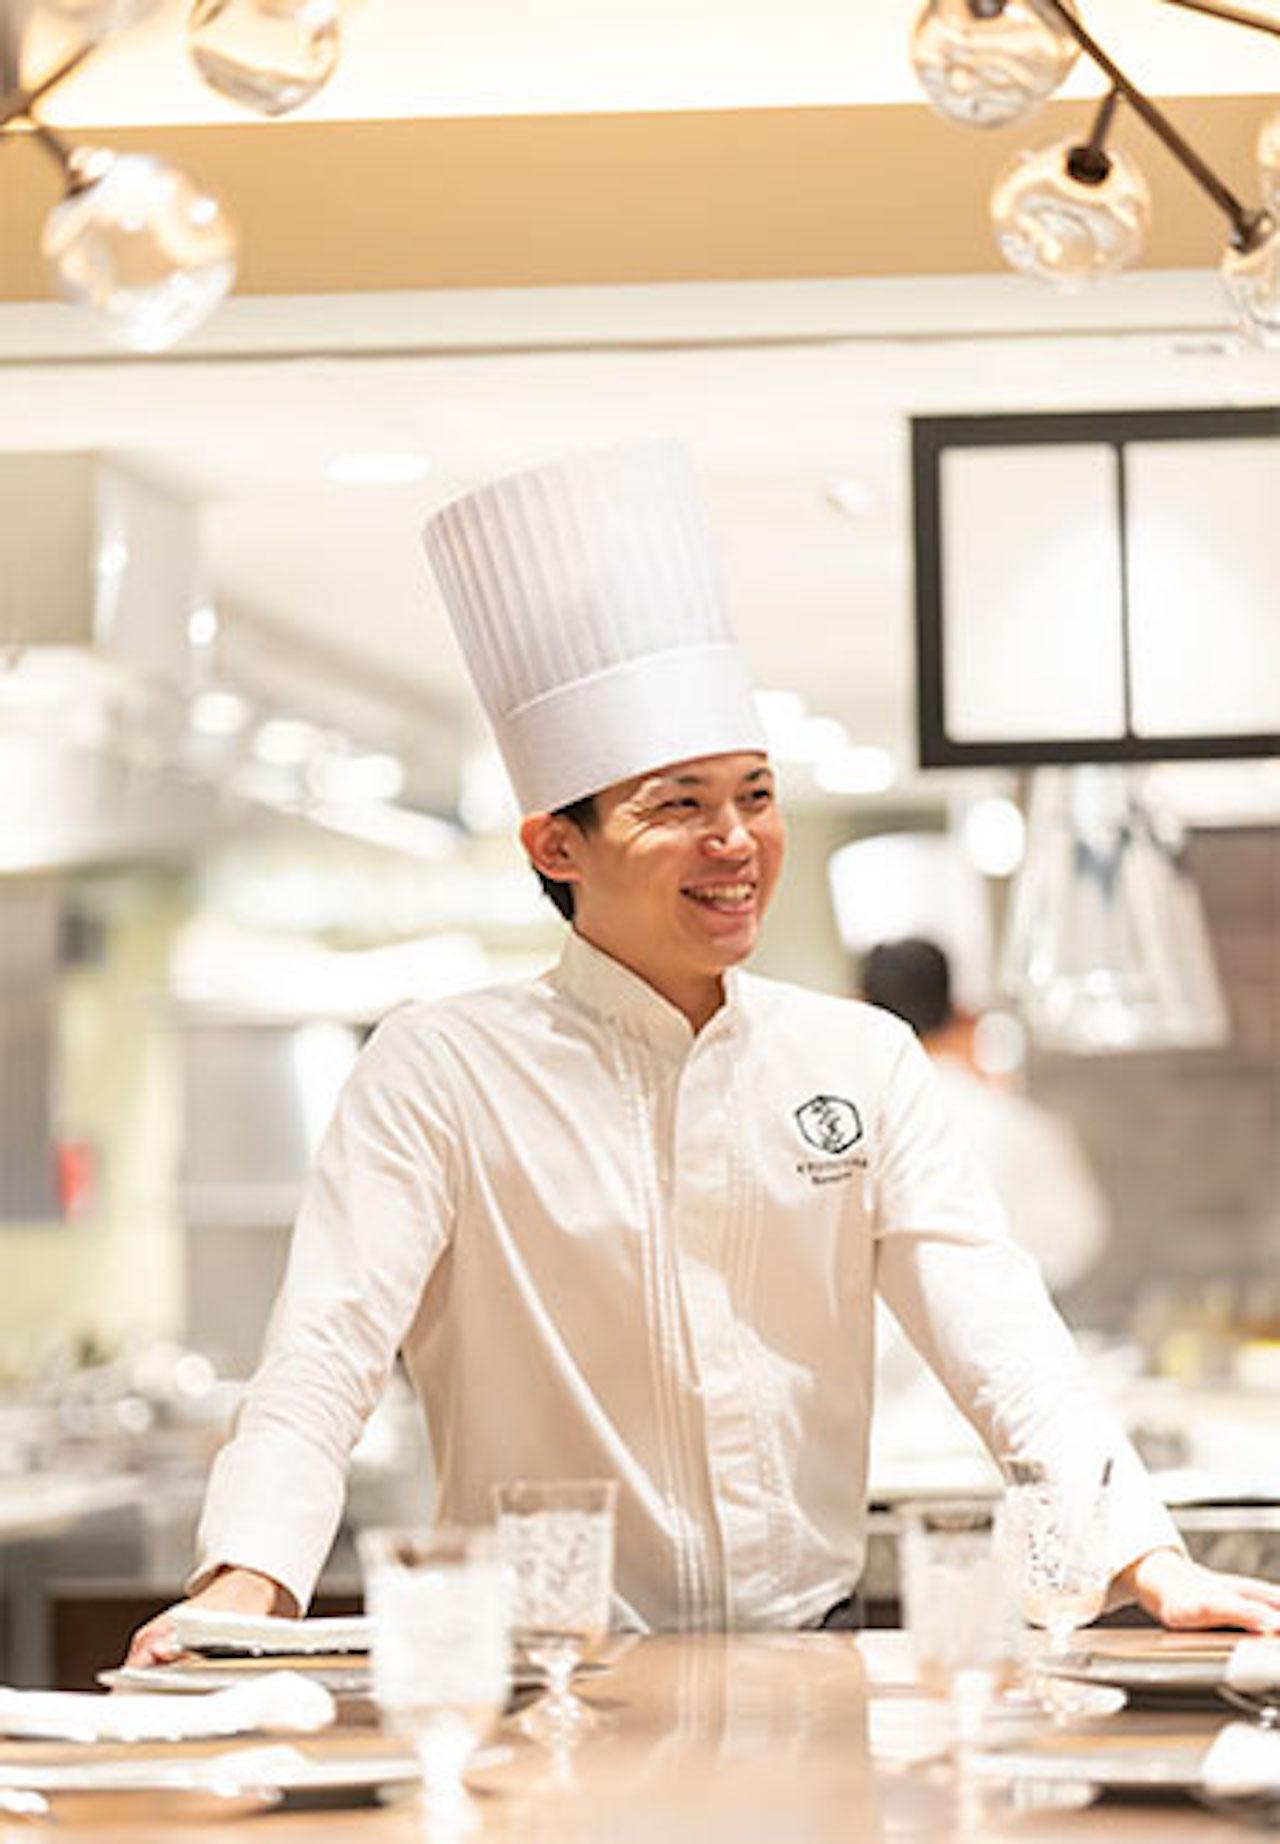 「女性に喜んでもらえれば」と語る川口純史シェフ。数々のホテルで経験を積み、アフタヌーンティーセットのメニューを考案する<br />